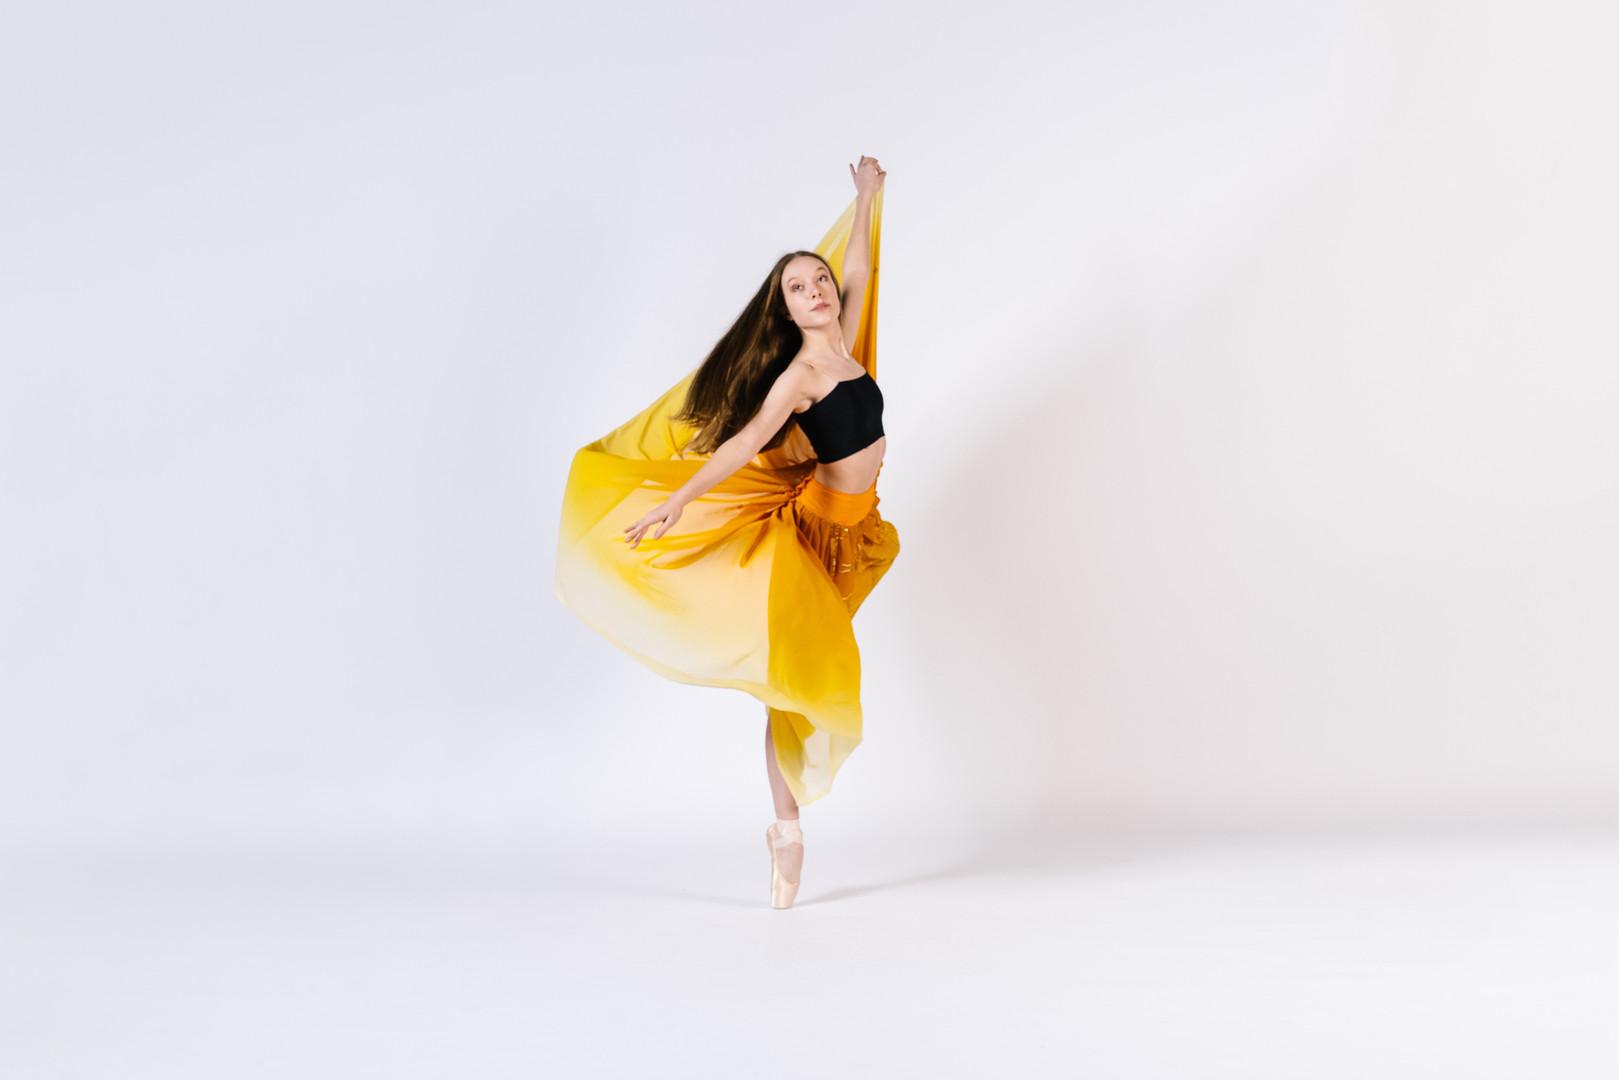 manchester-dance-photographer-12.jpg